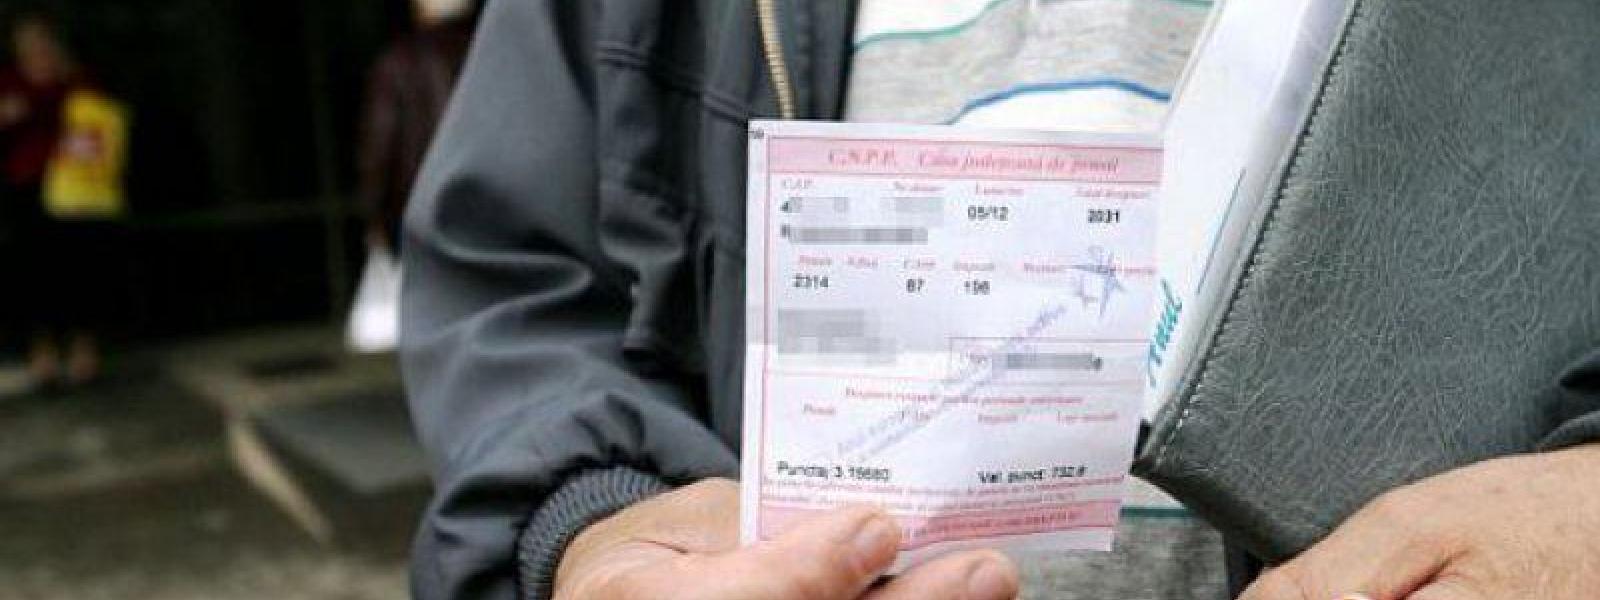 """Miercuri, 10.10.2018, noua lege a pensiilor a discutata de Guvernul Romaniei, la propunerea Ministerului Muncii.  Dupa sedinta de Guvern, ministrul muncii Lia Olguta Vasilescu, a declarat ca : """" Nicio pensie nu va scadea dupa recalculare, nu se modifica varsta standard de pensionare si nici stagiul de cotizare"""".  Conform noii legi, valoarea punctului de pensie va creste astfel : in anul 2019 va ajunge la 1265 de lei , in anul 2020 - 1775 de lei, in anul 2021 – 1875 de lei, reprezentand suma aferenta VPR ( v"""